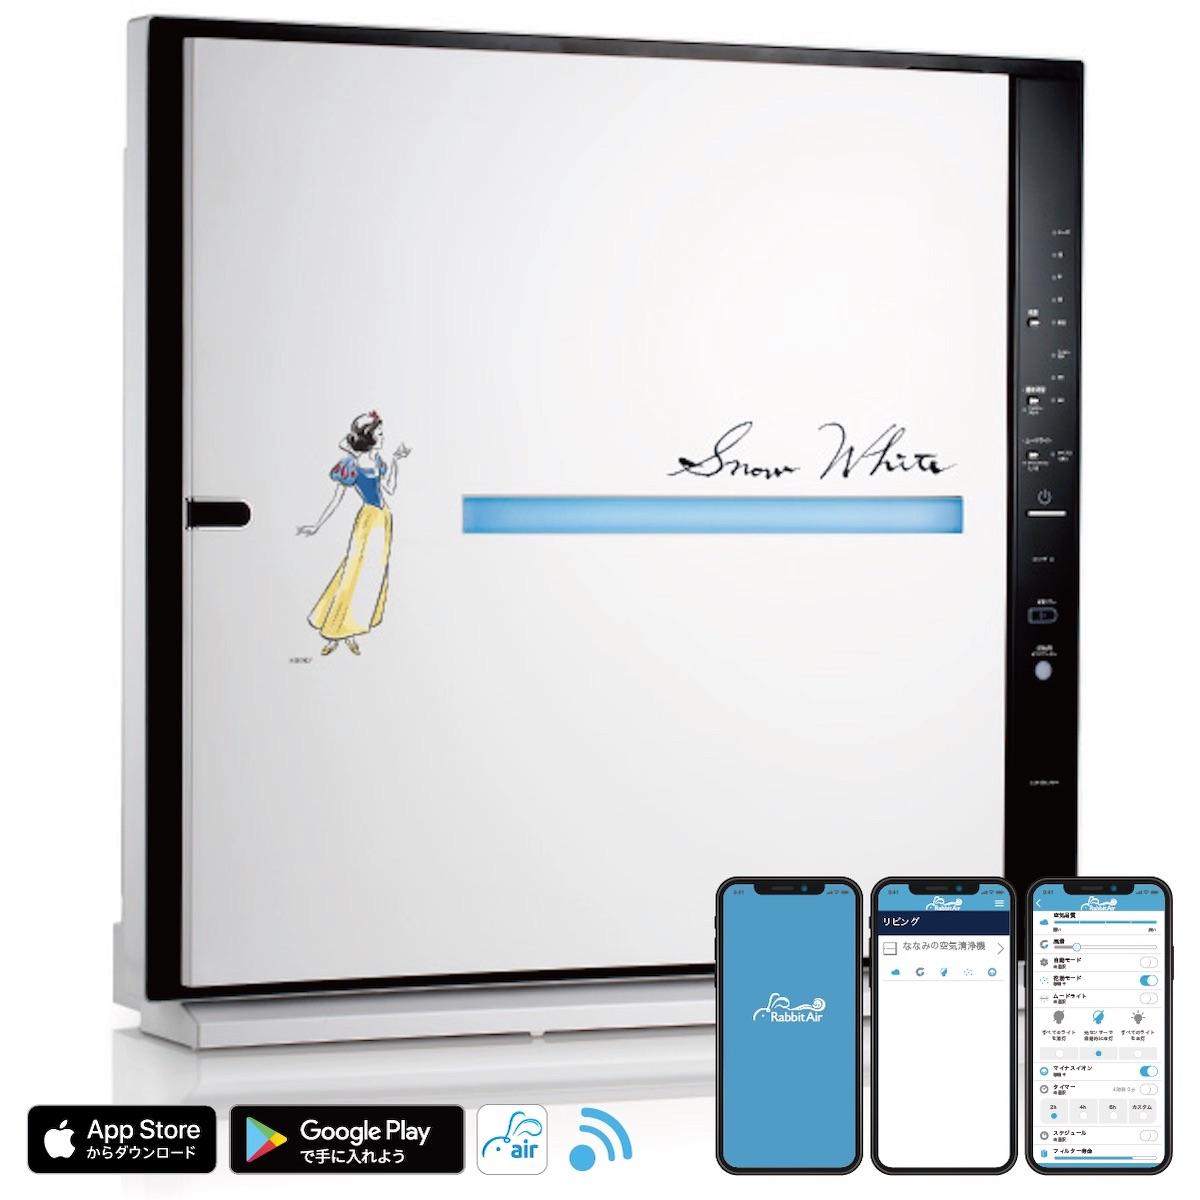 空気清浄機: Rabbit Air MinusA2 ディズニー Special Edition (白雪姫) Wi-Fiモデル